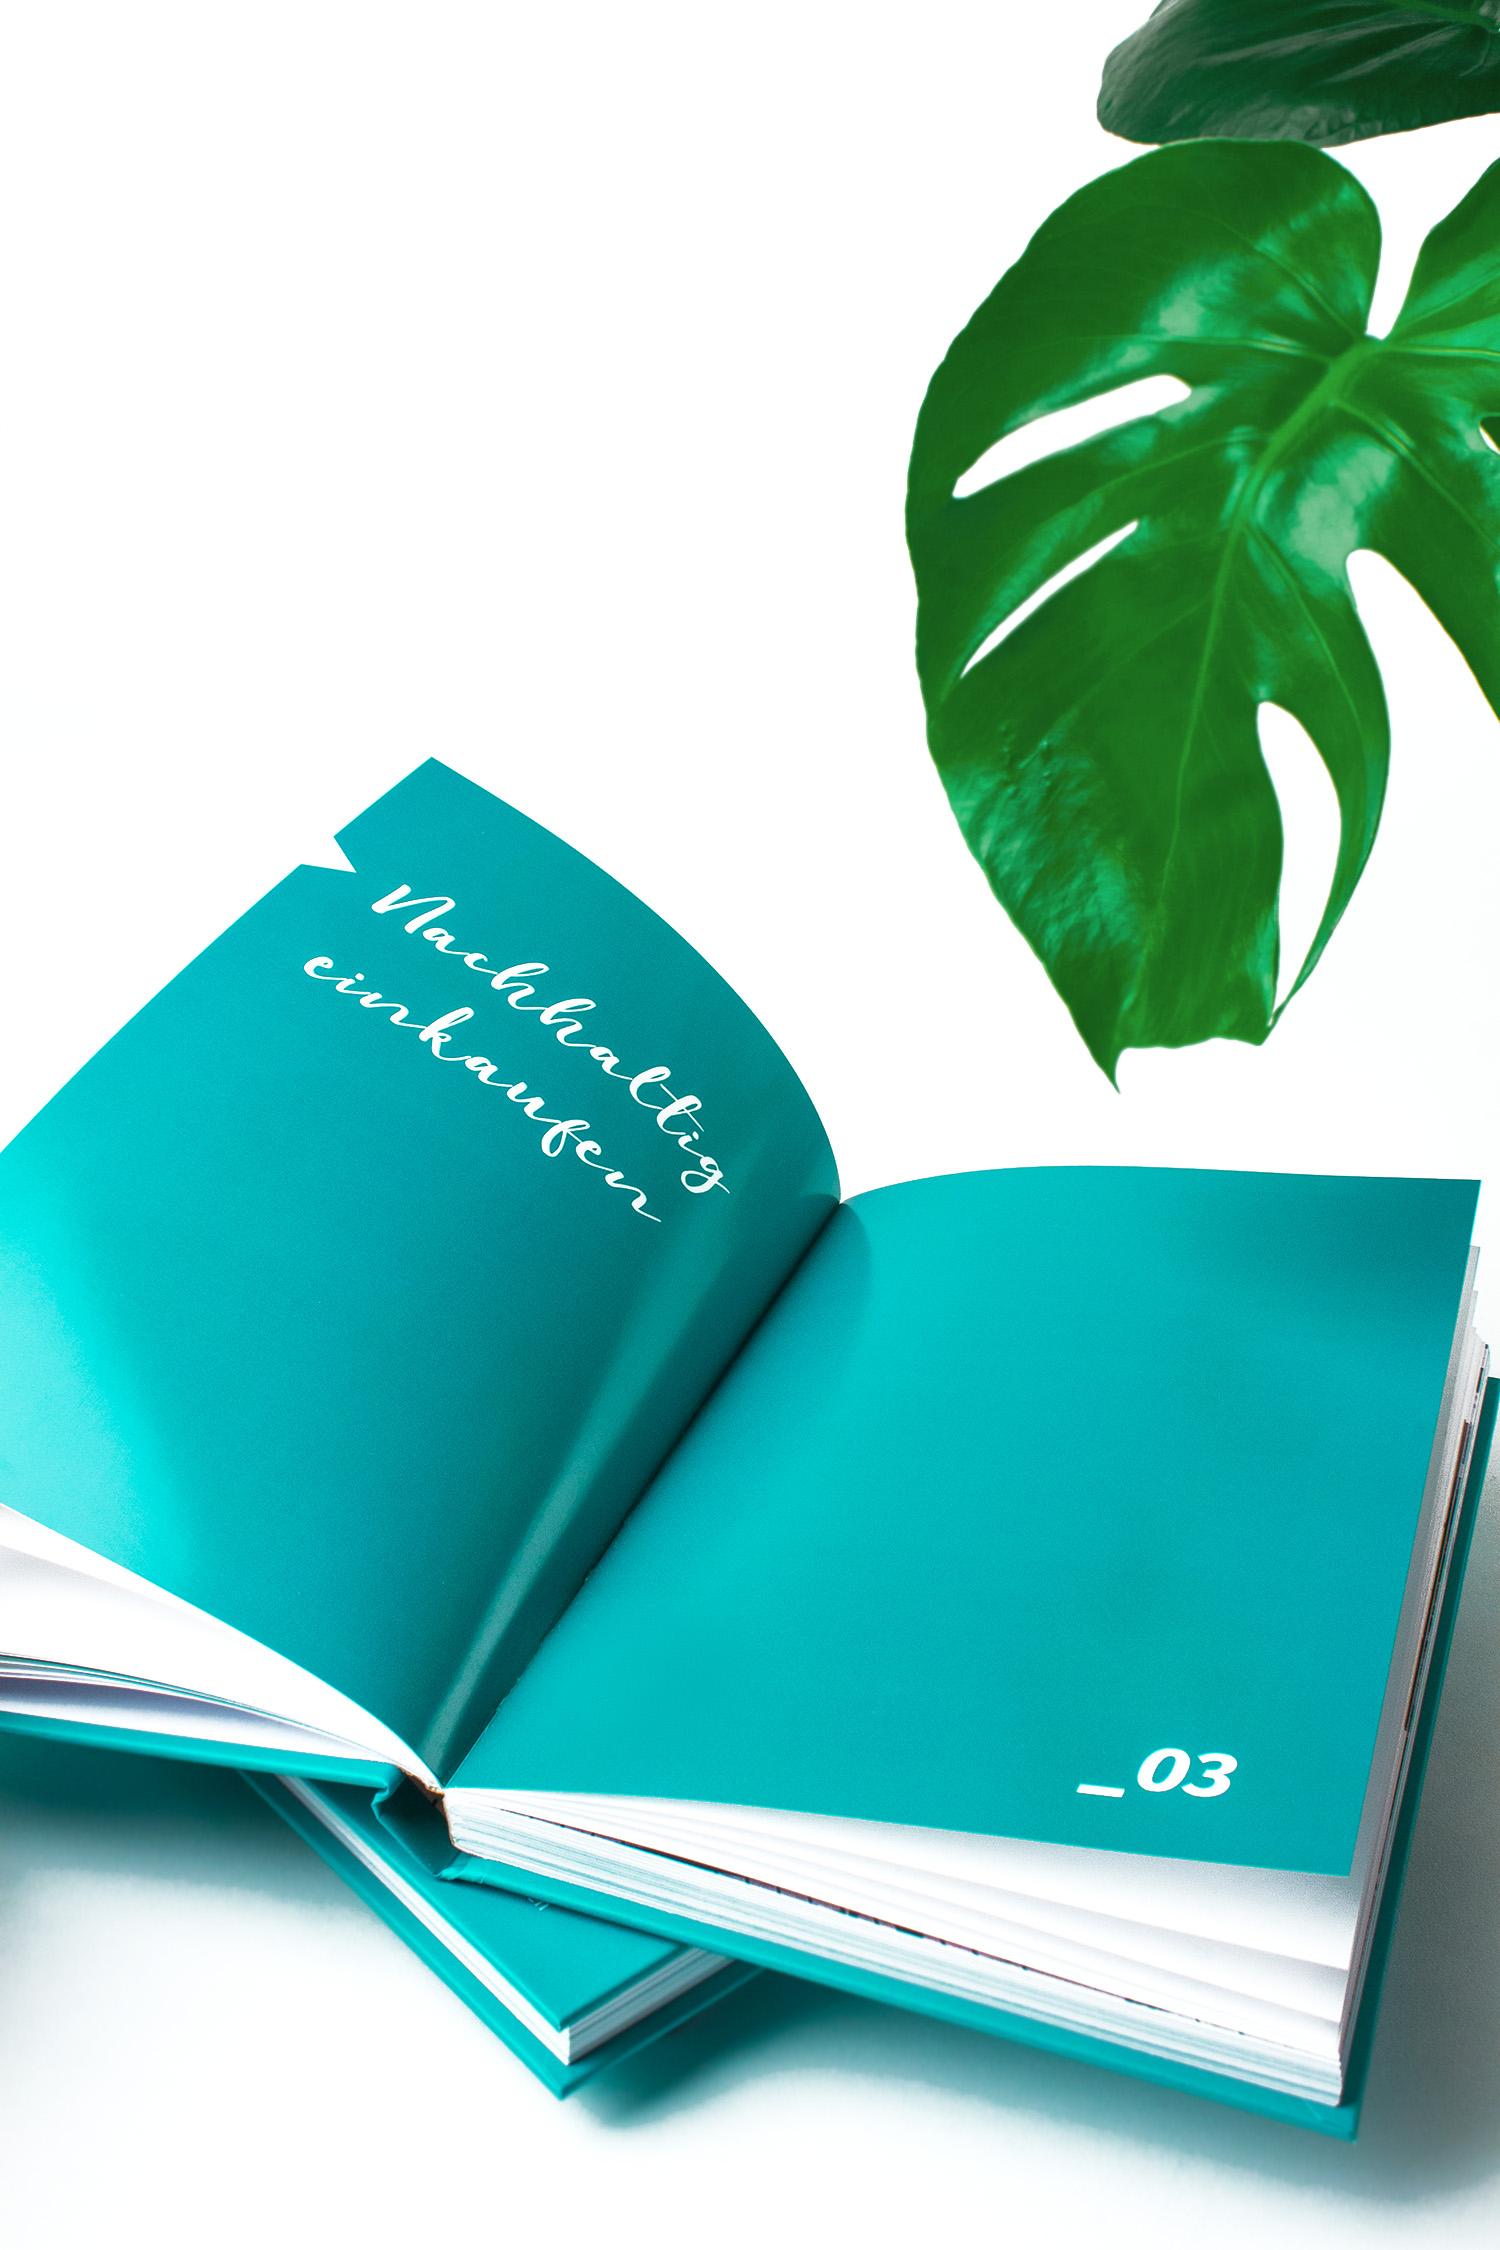 Nachhaltig-leicht_Nachhaltig-einkaufen_Justinvanwickeren_design